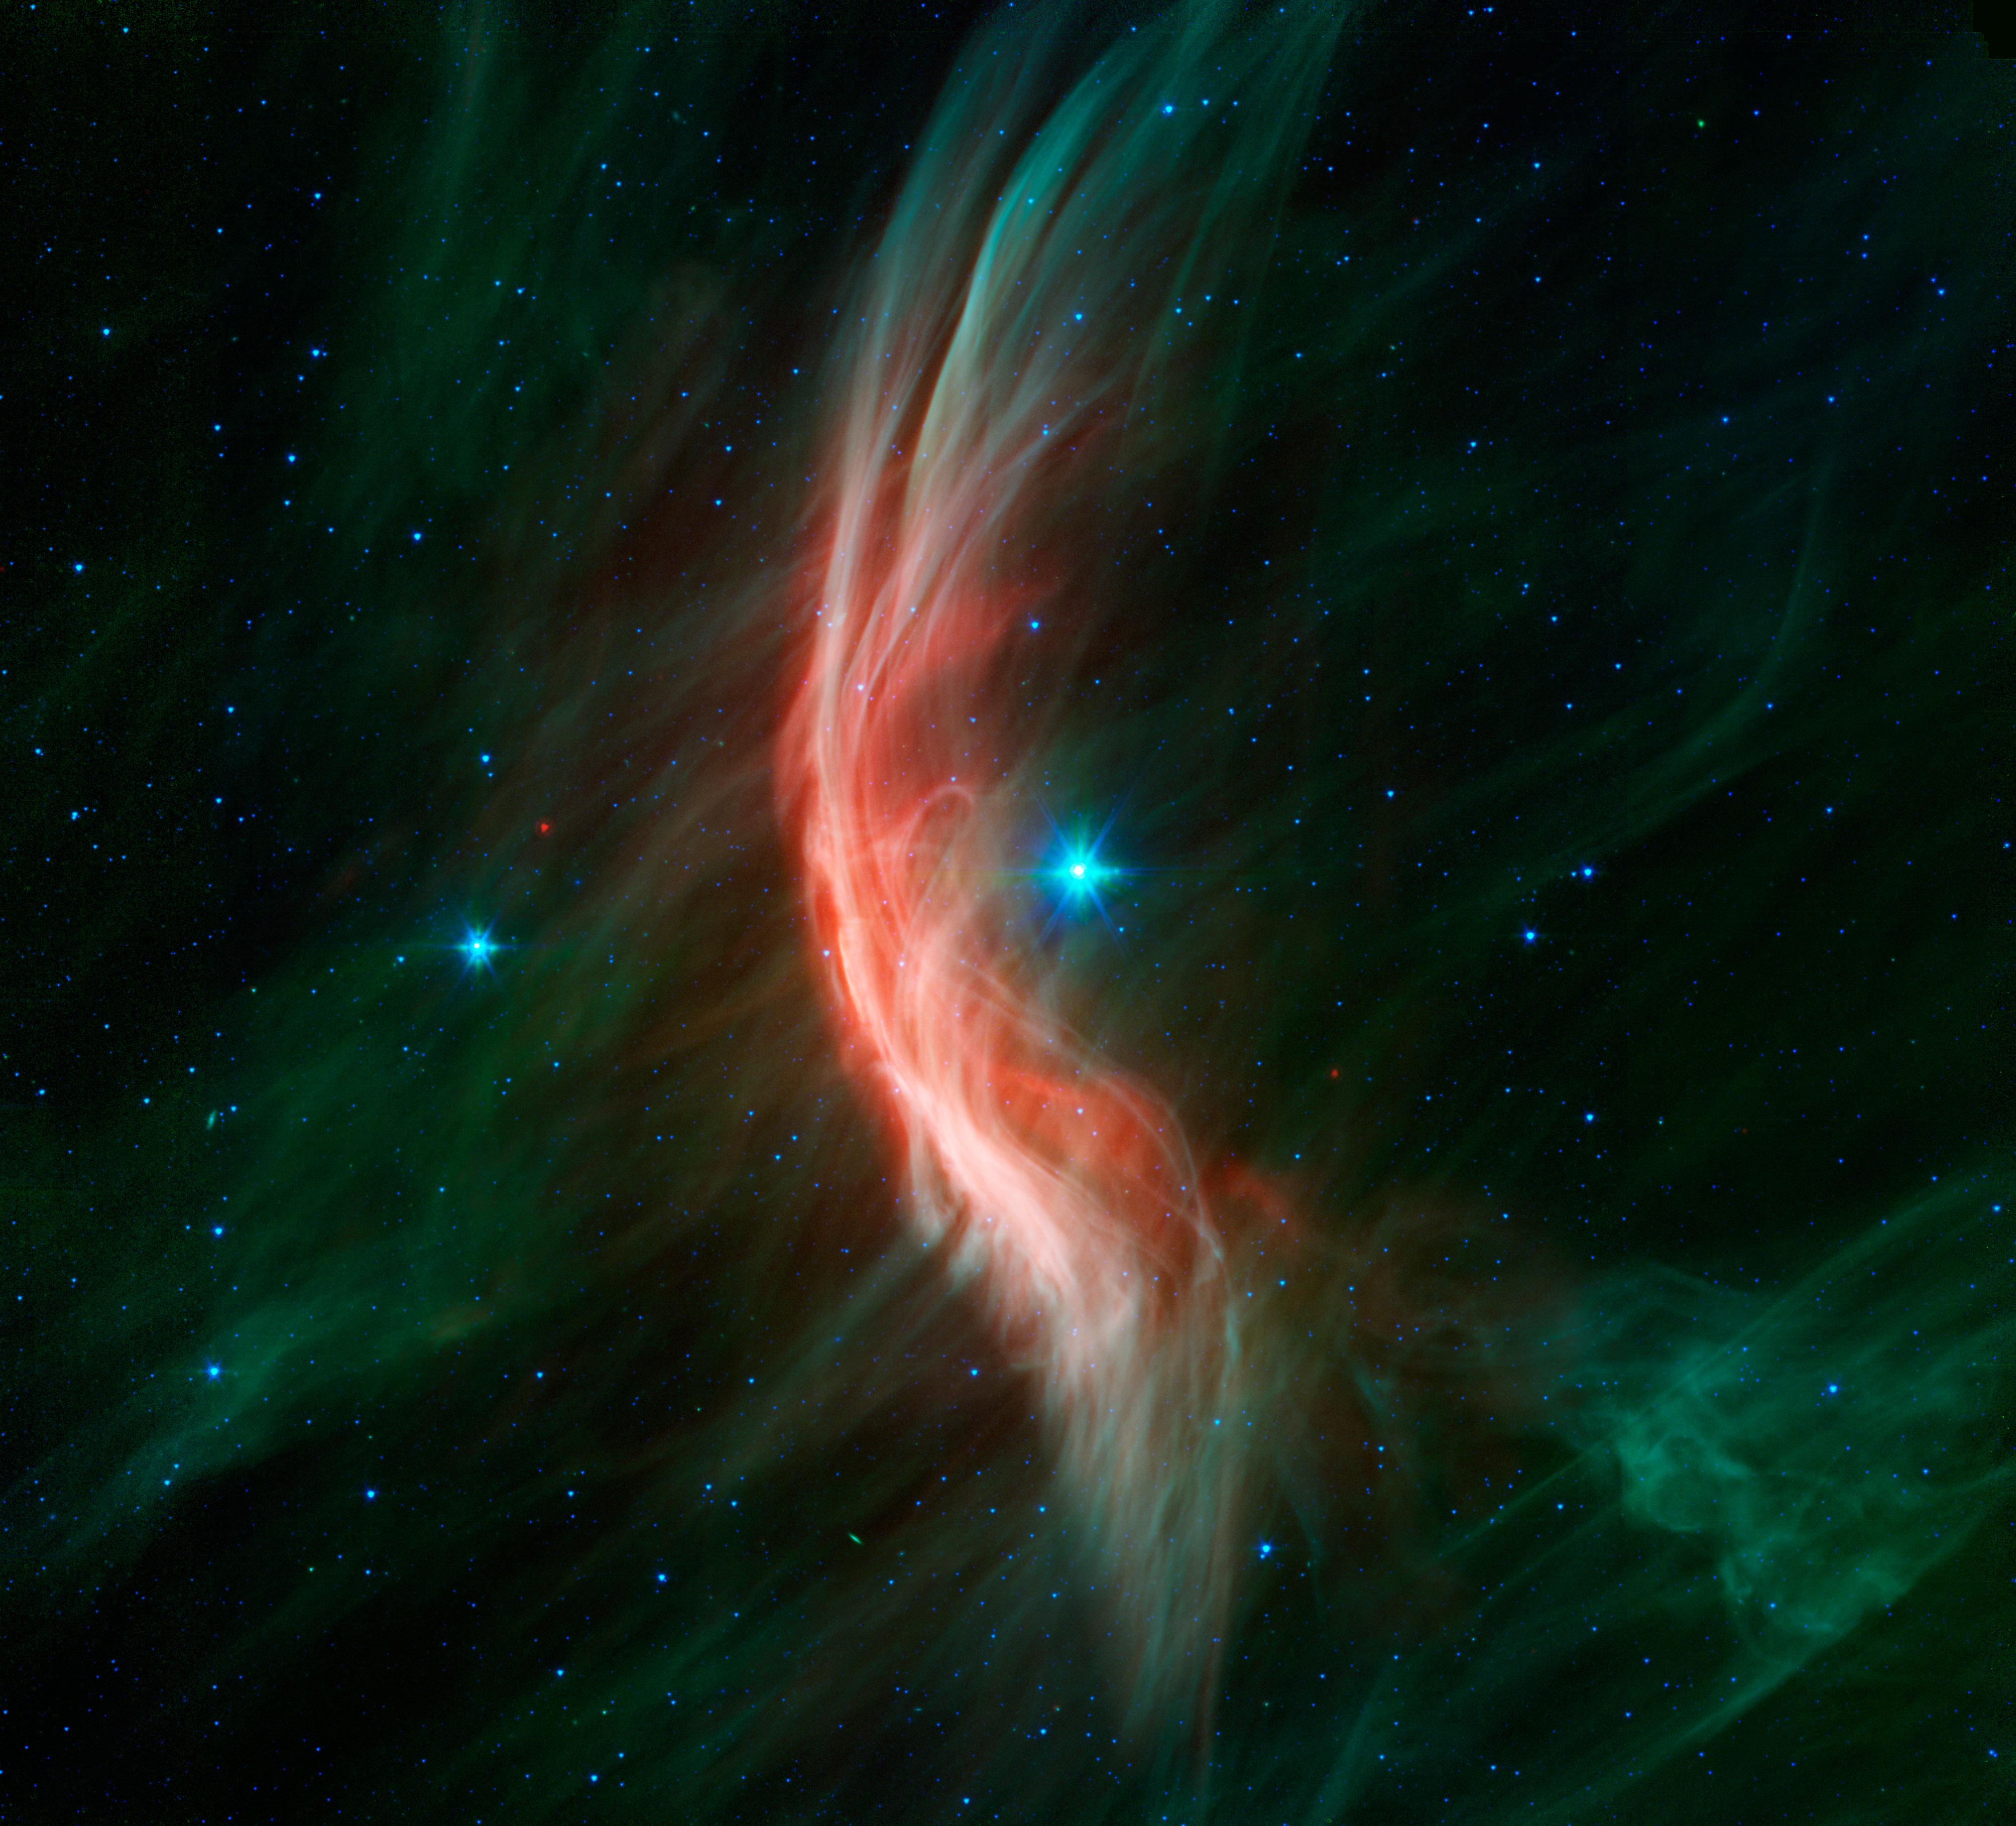 भगोड़ा सितारा : जीटा ओफीयुची